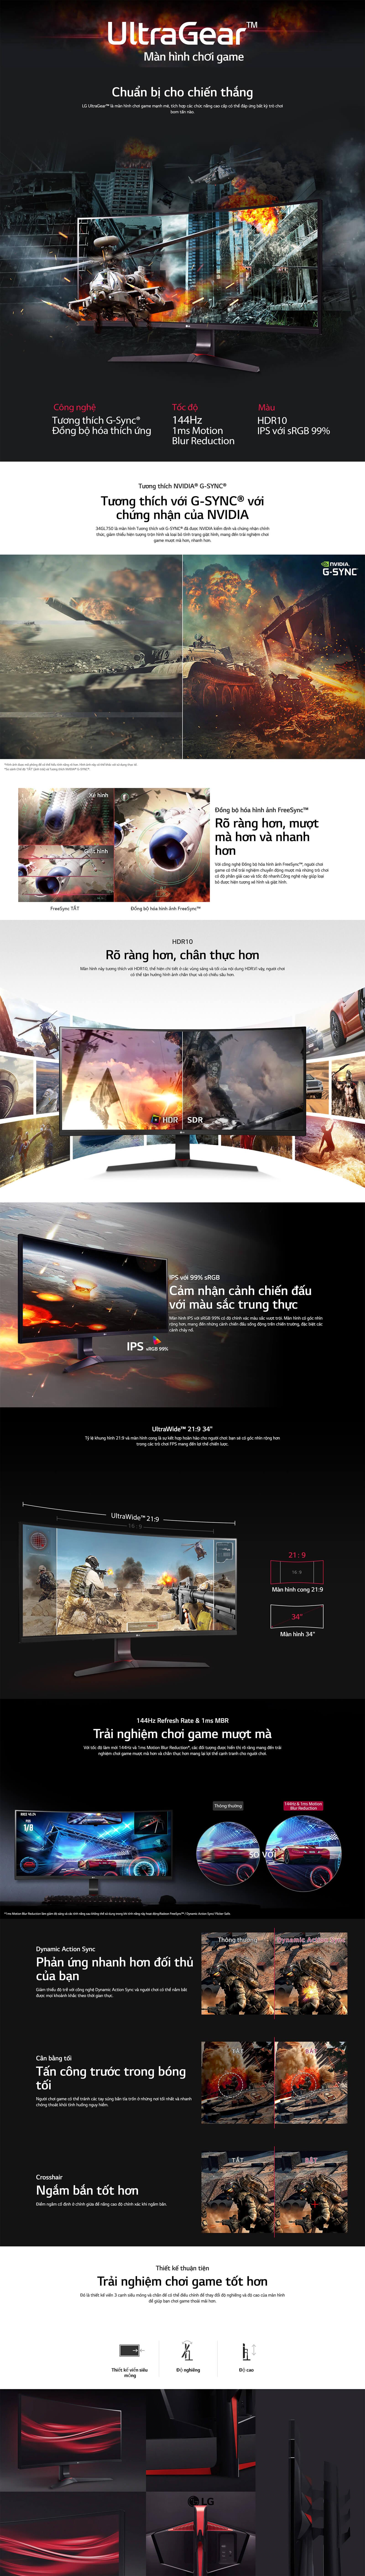 """LG 34GL750-B UltraWide 34"""" 144Hz G-Sync - Gaming Monitor"""